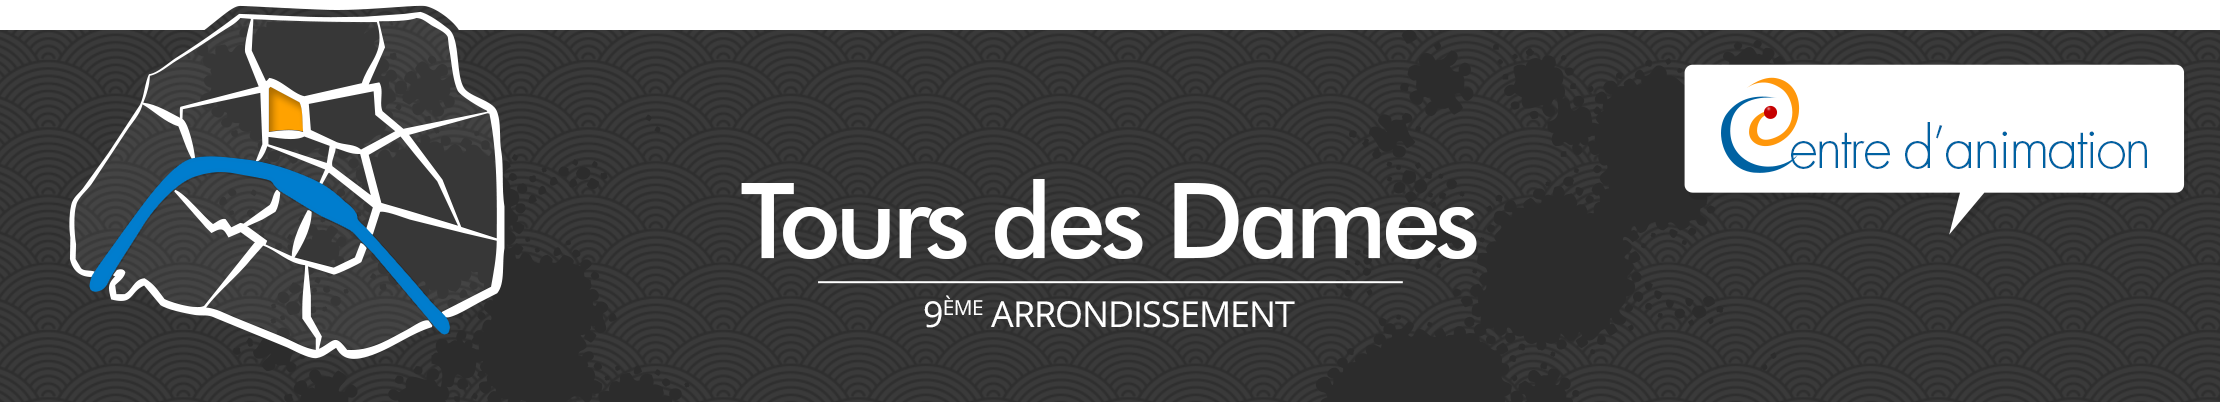 centre-animation-paris-9eme-arrondisseme